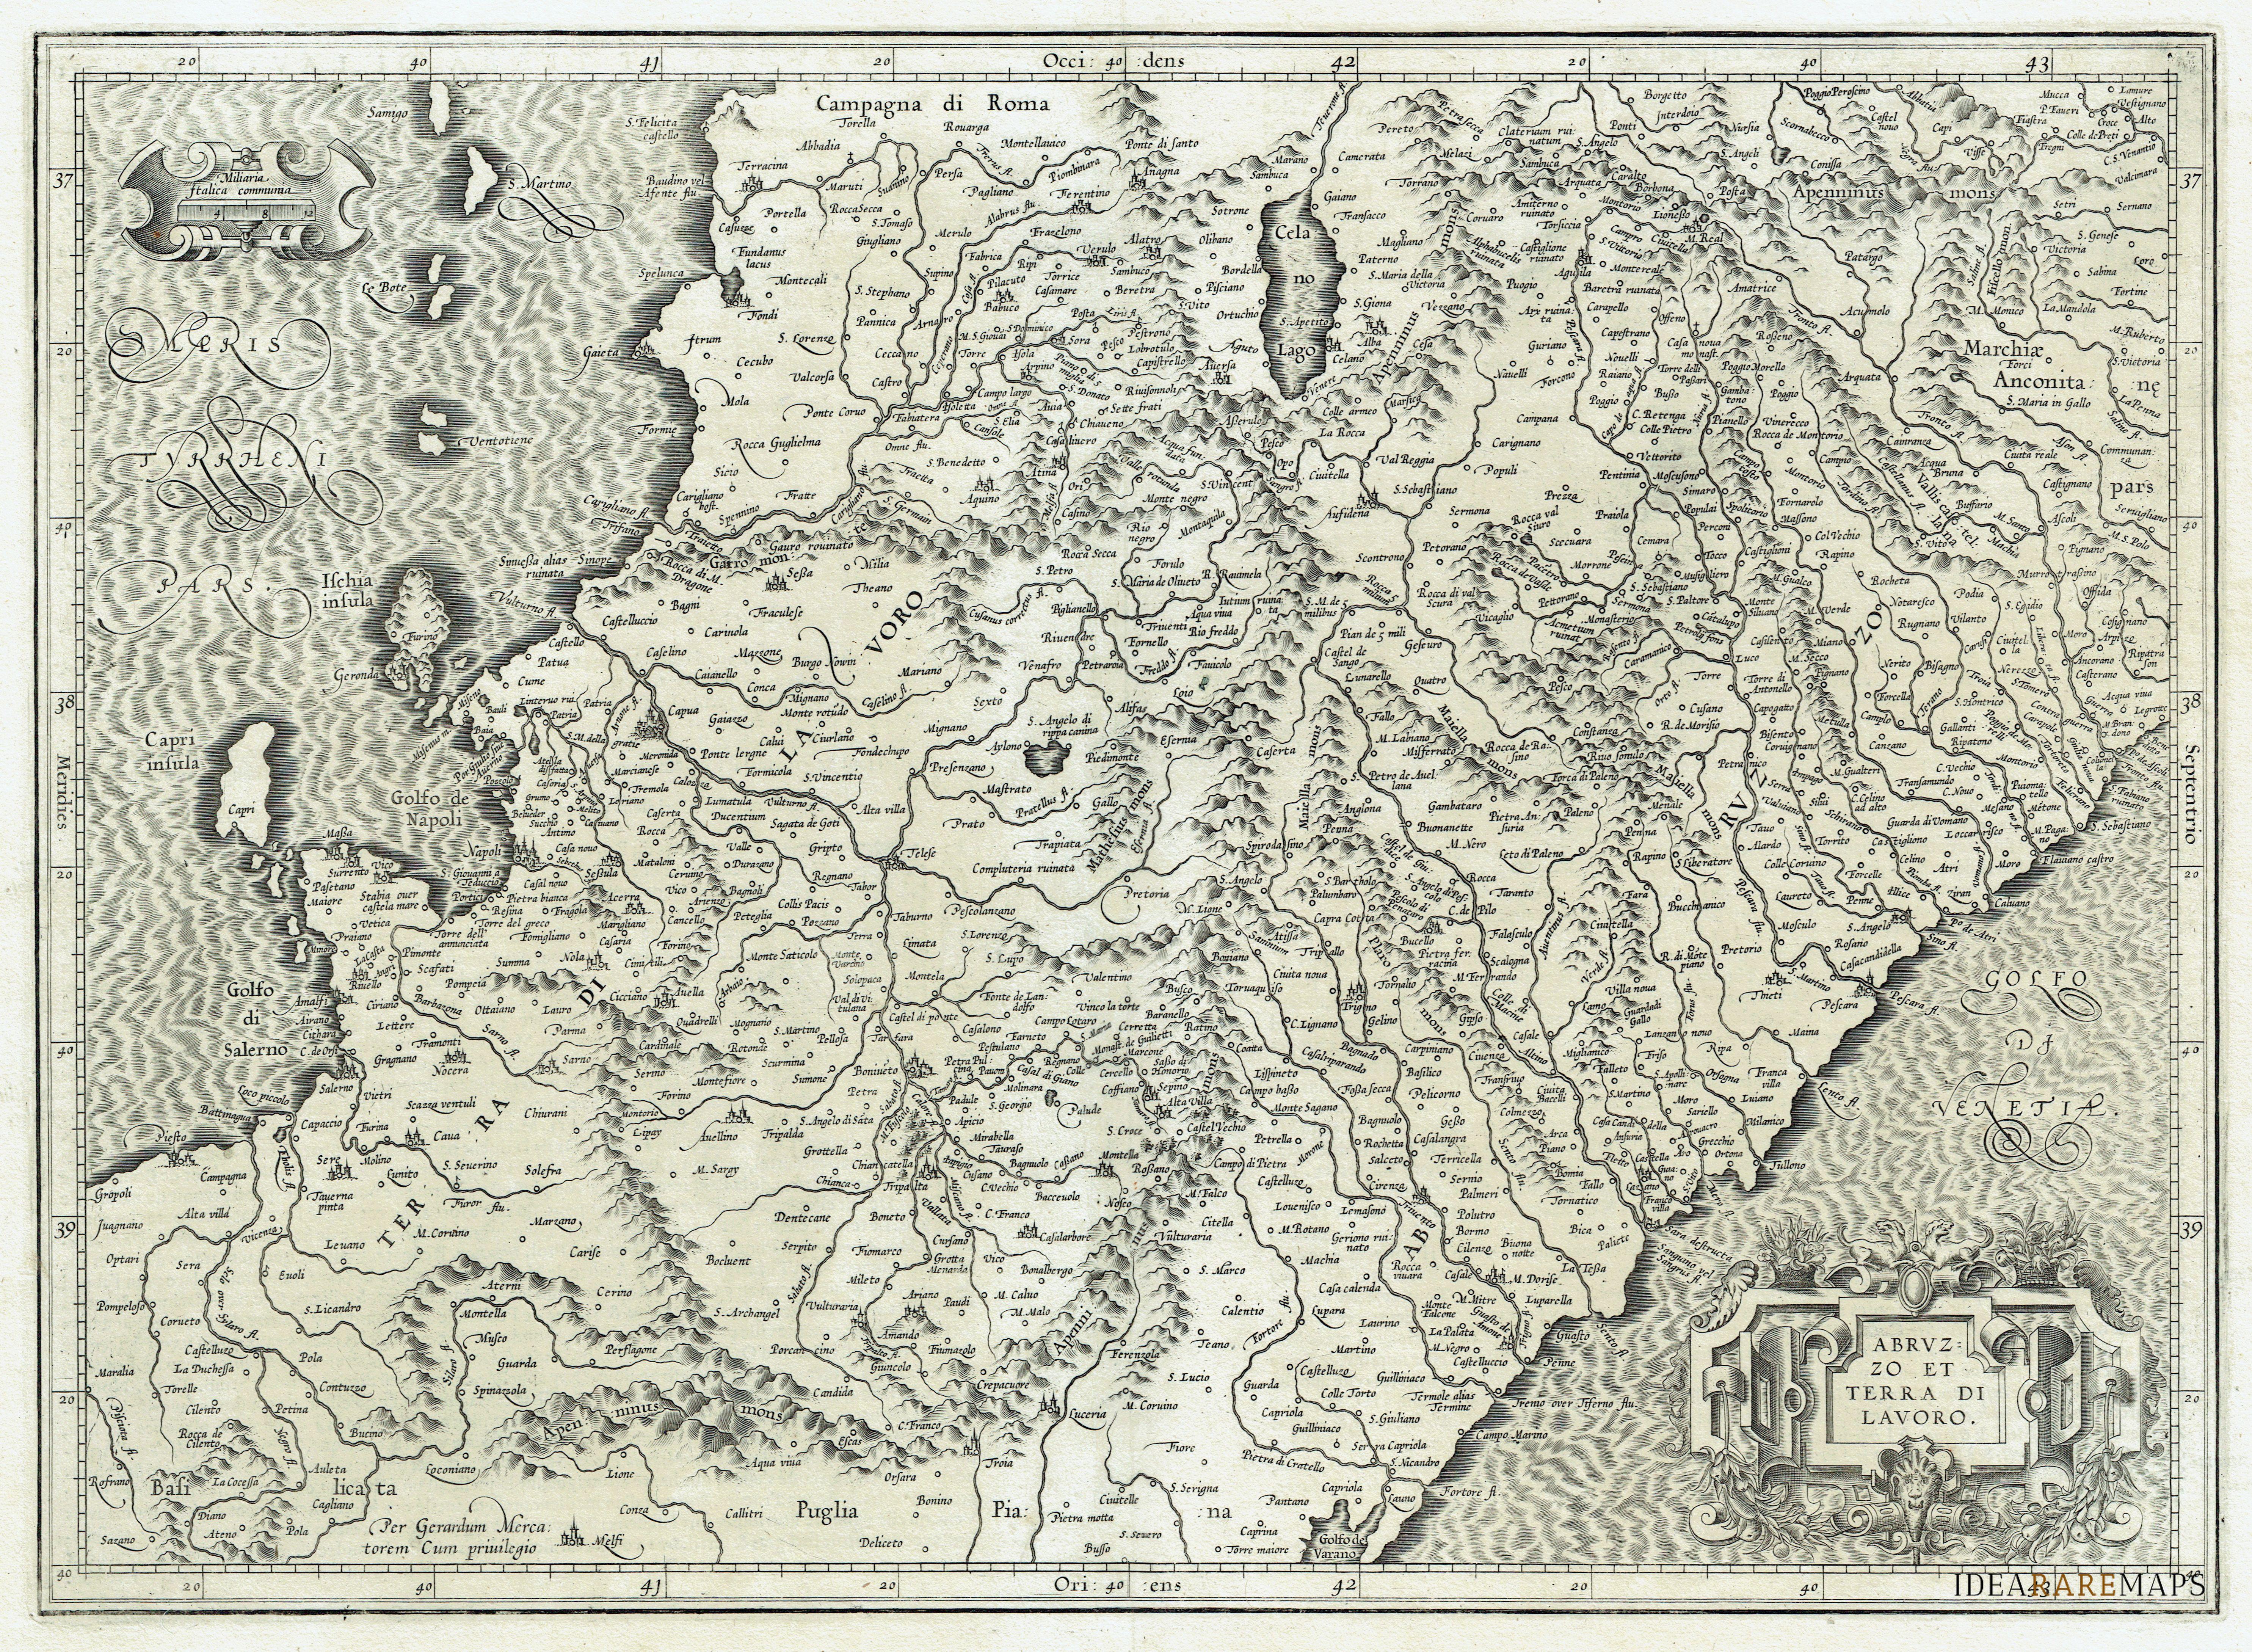 Picture of: Abruzzo Molise Archivi Idea Rare Maps